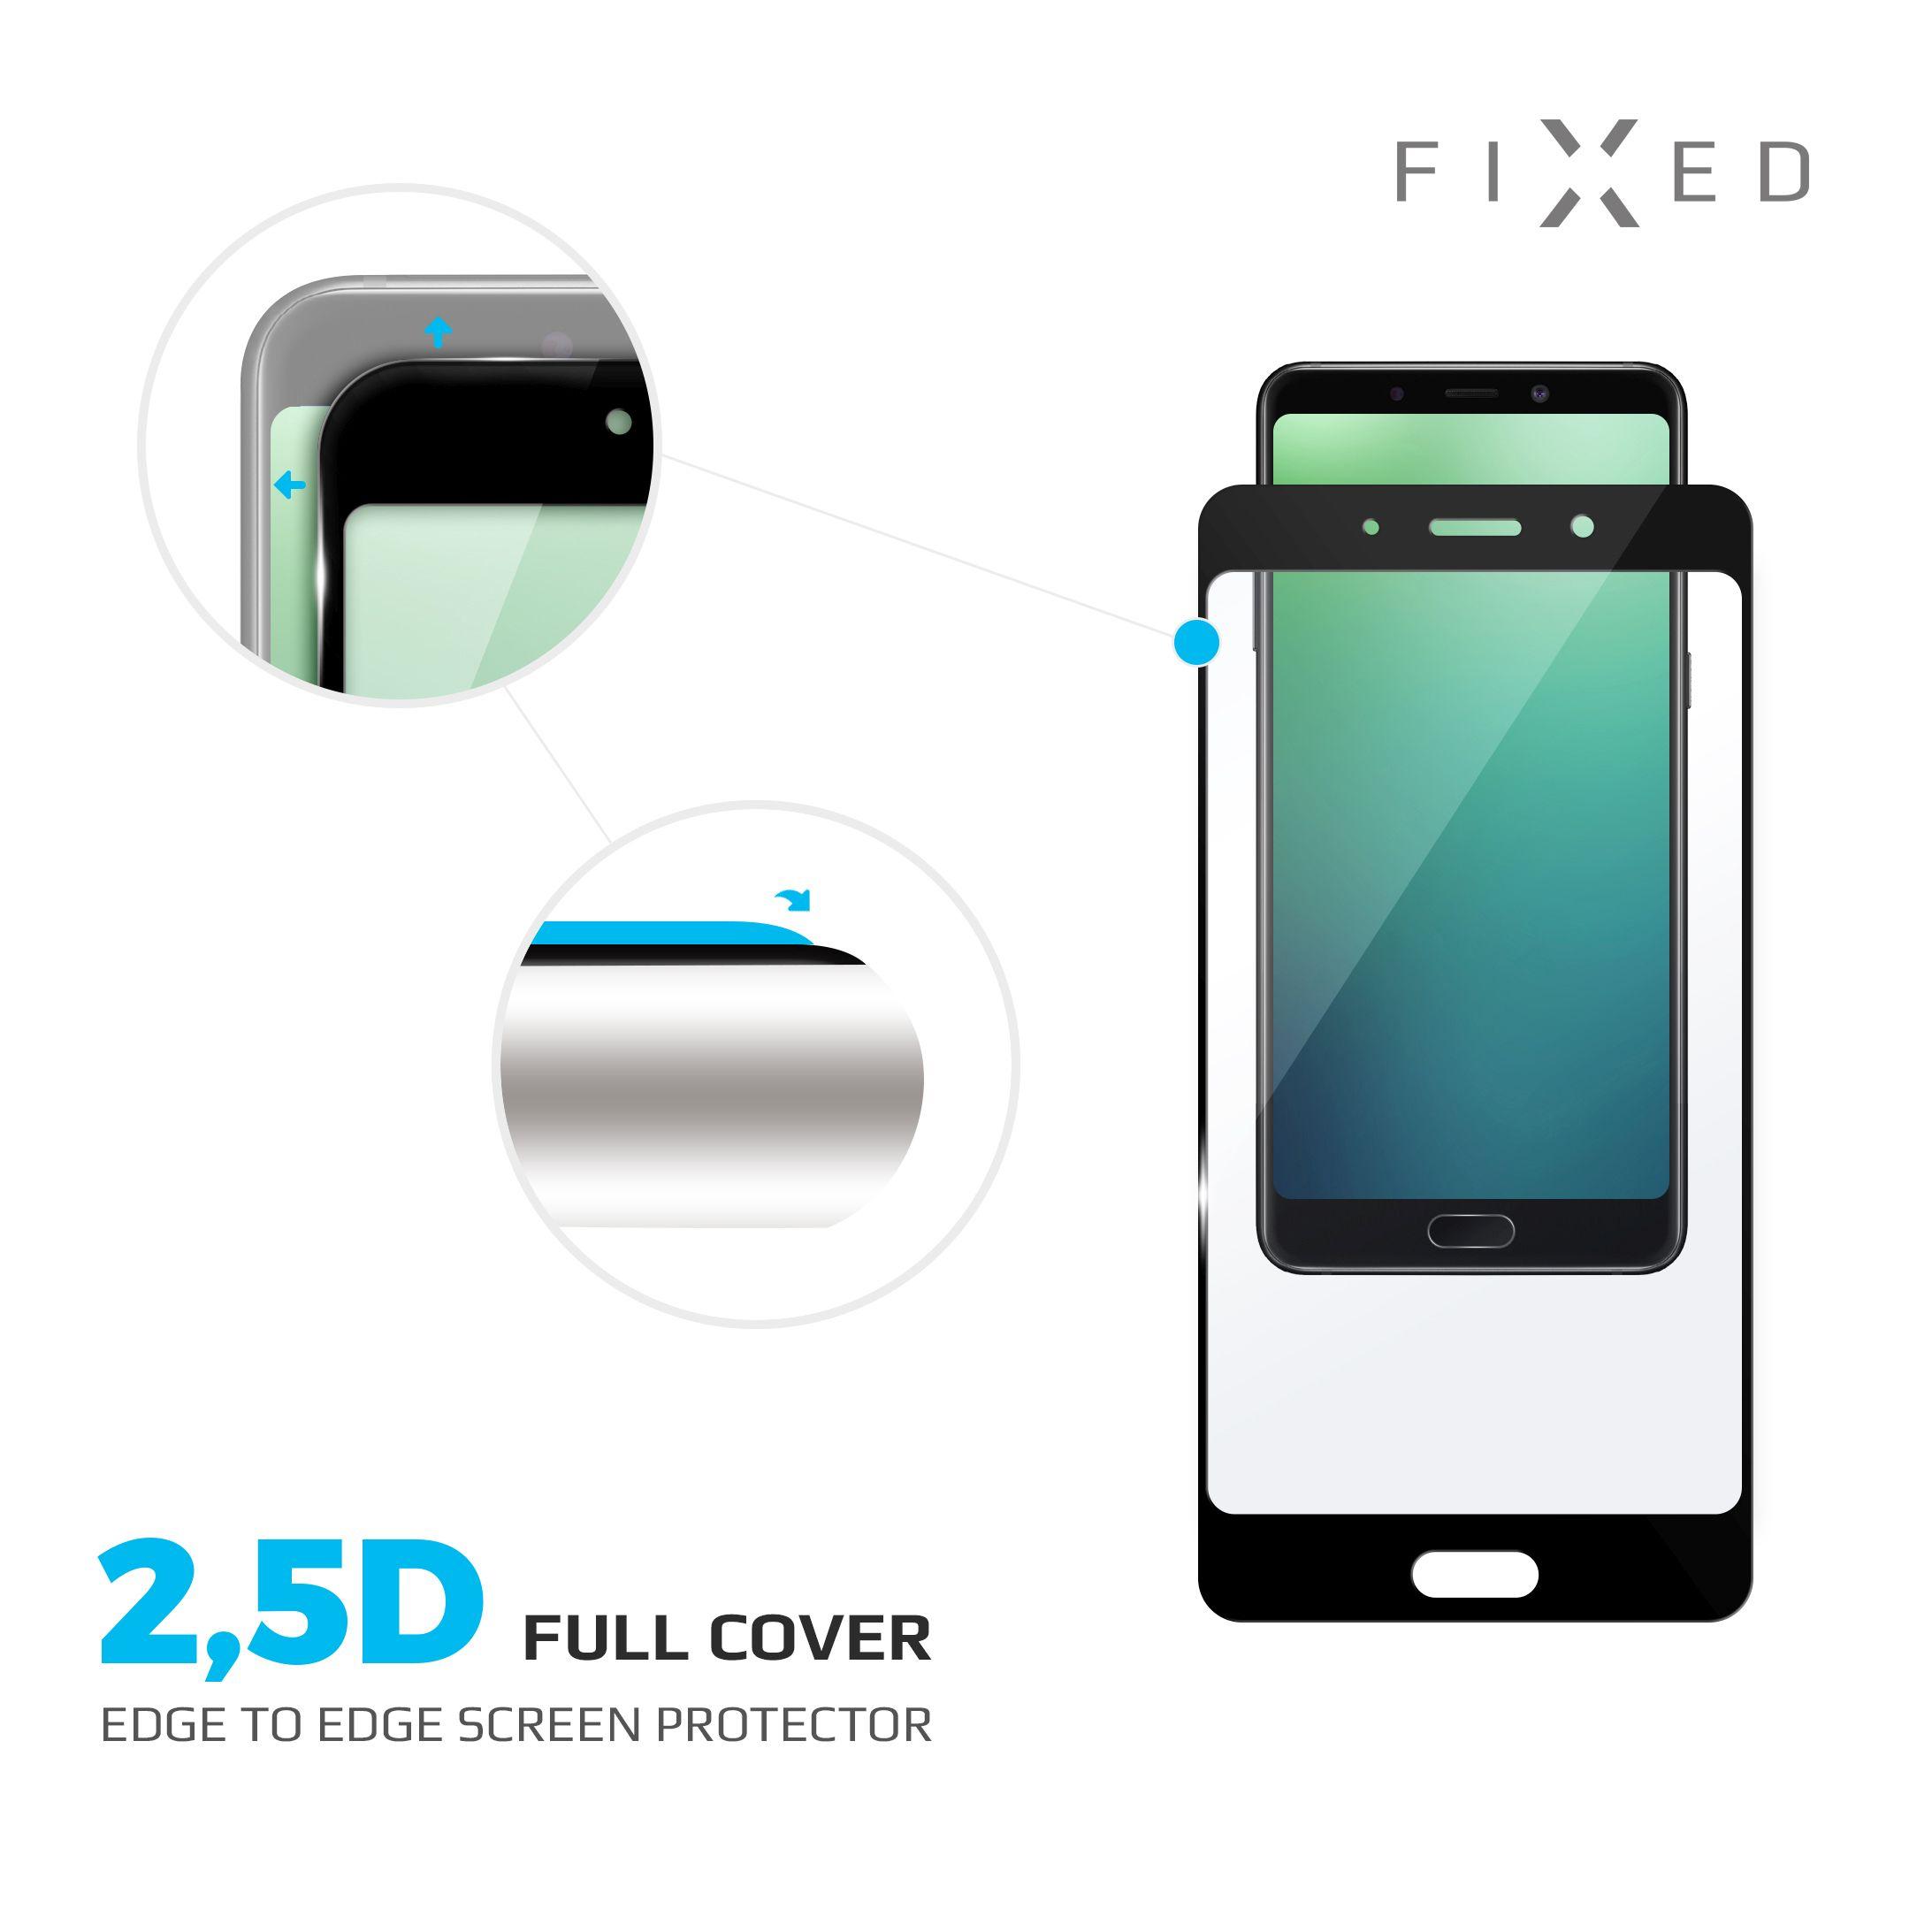 Ochranné tvrzené sklo FIXED Full-Cover pro Xiaomi Mi8, přes celý displej, černé, 0.33 mm